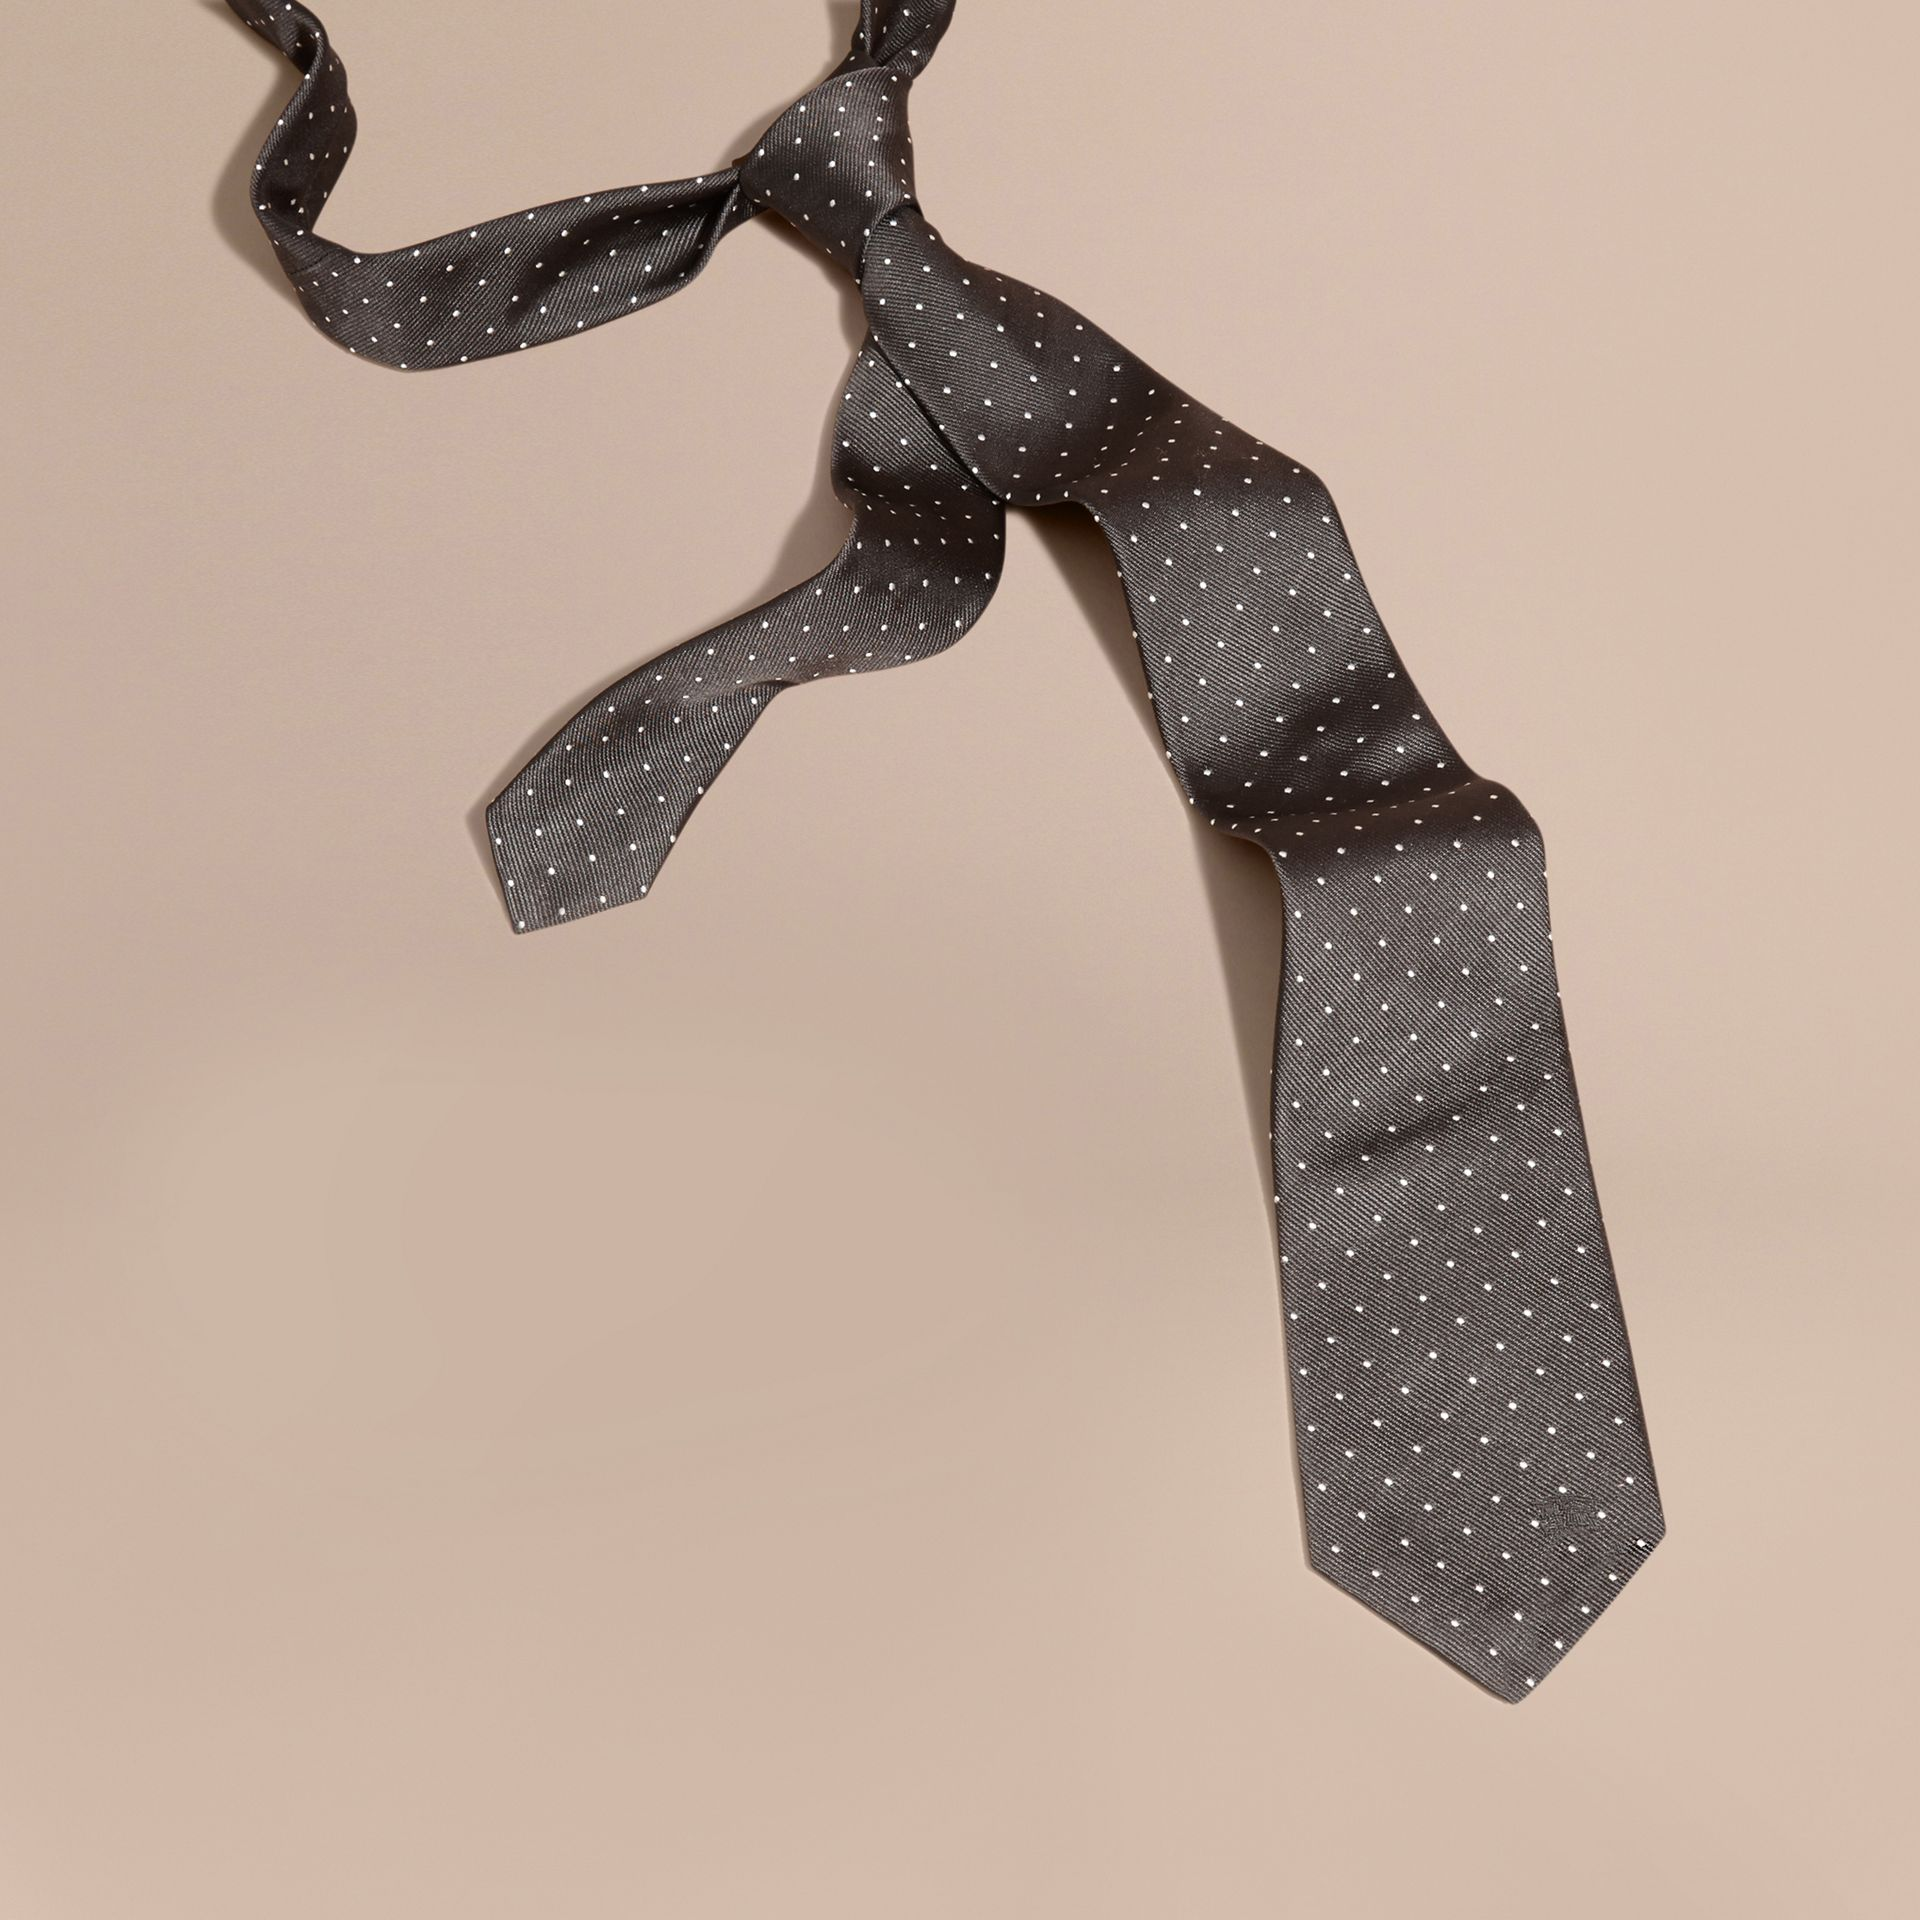 Nero fumo Cravatta dal taglio moderno in seta a pois Nero Fumo - immagine della galleria 1